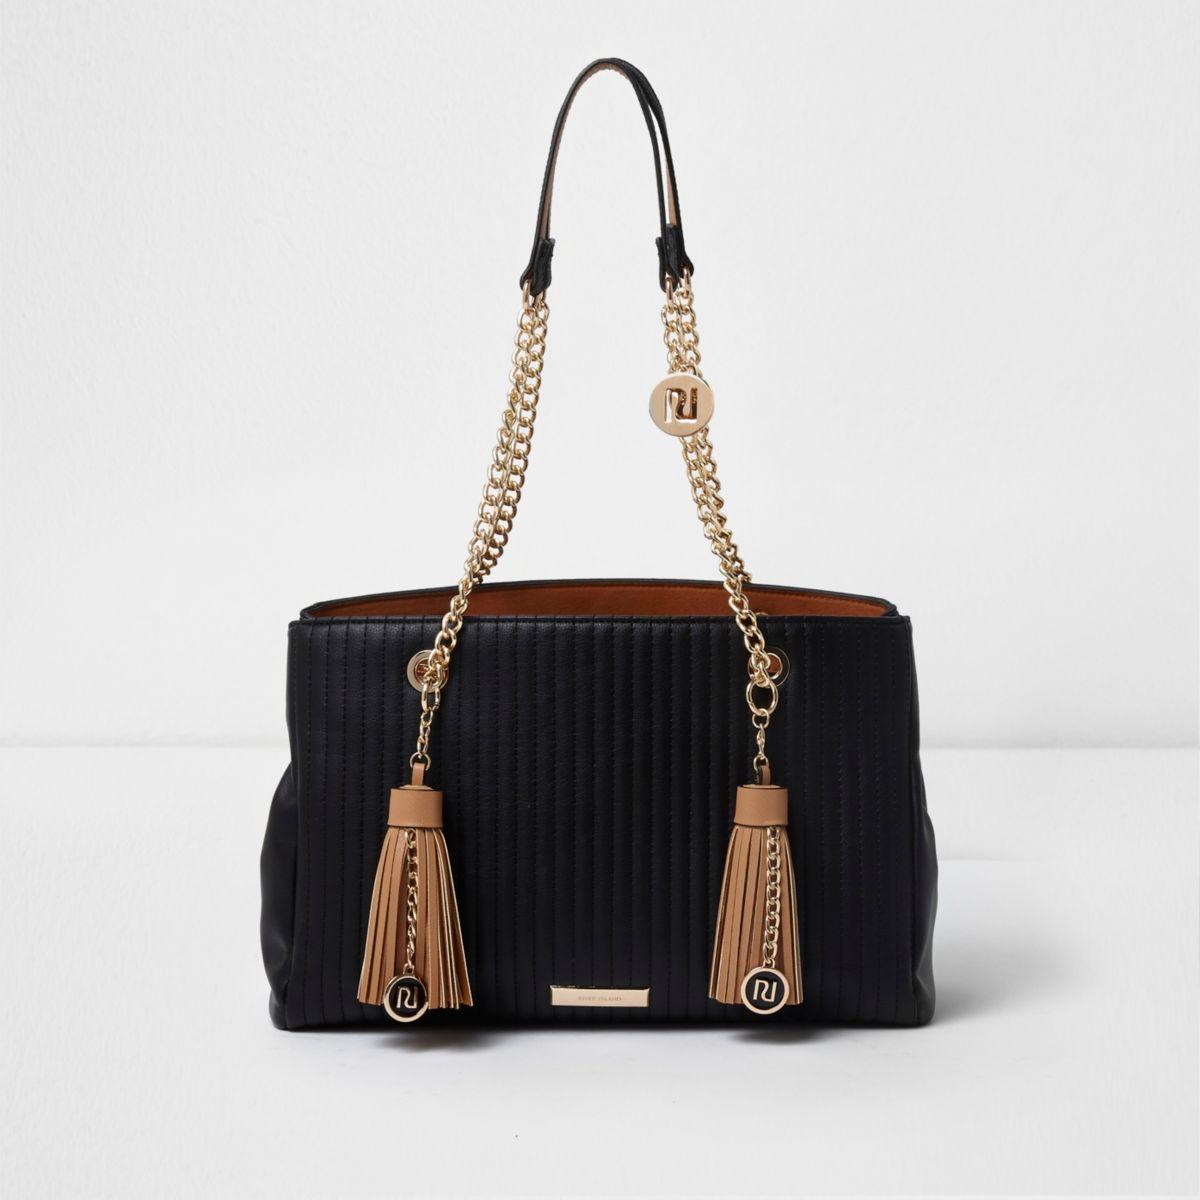 Zwarte gewatteerde handtas met ketting en kwastje